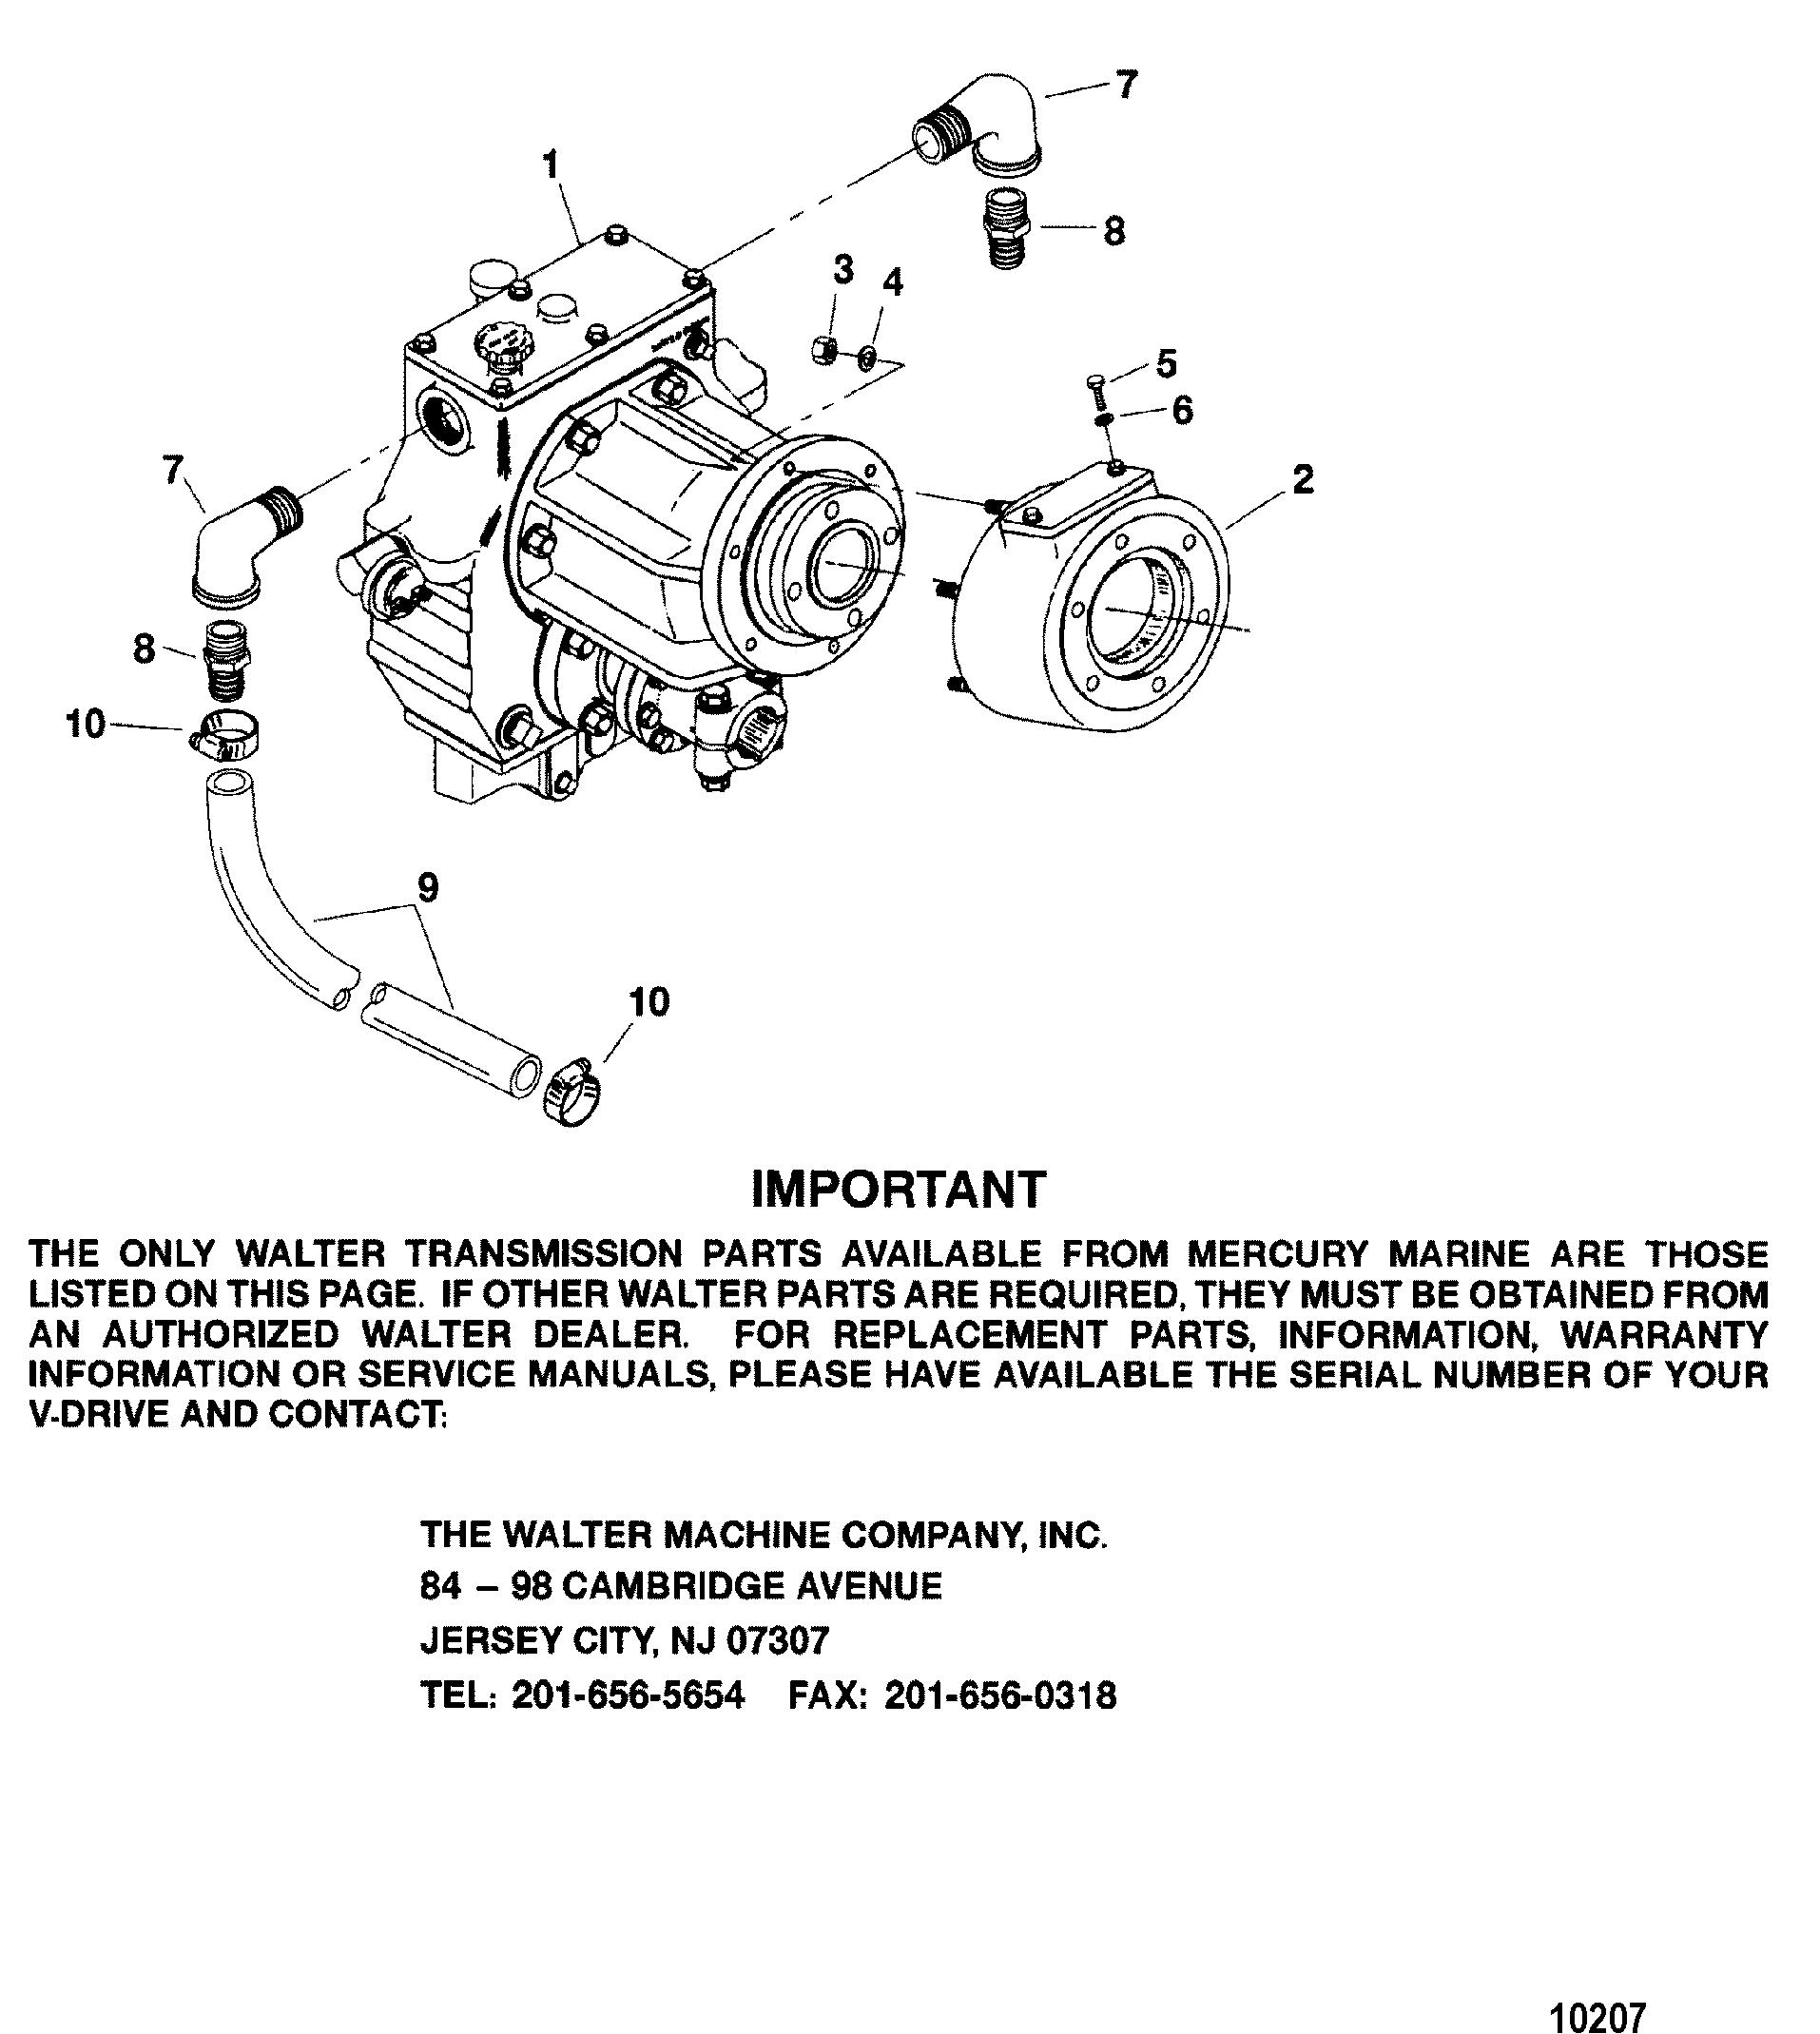 Transmission(Walter V-Drive)